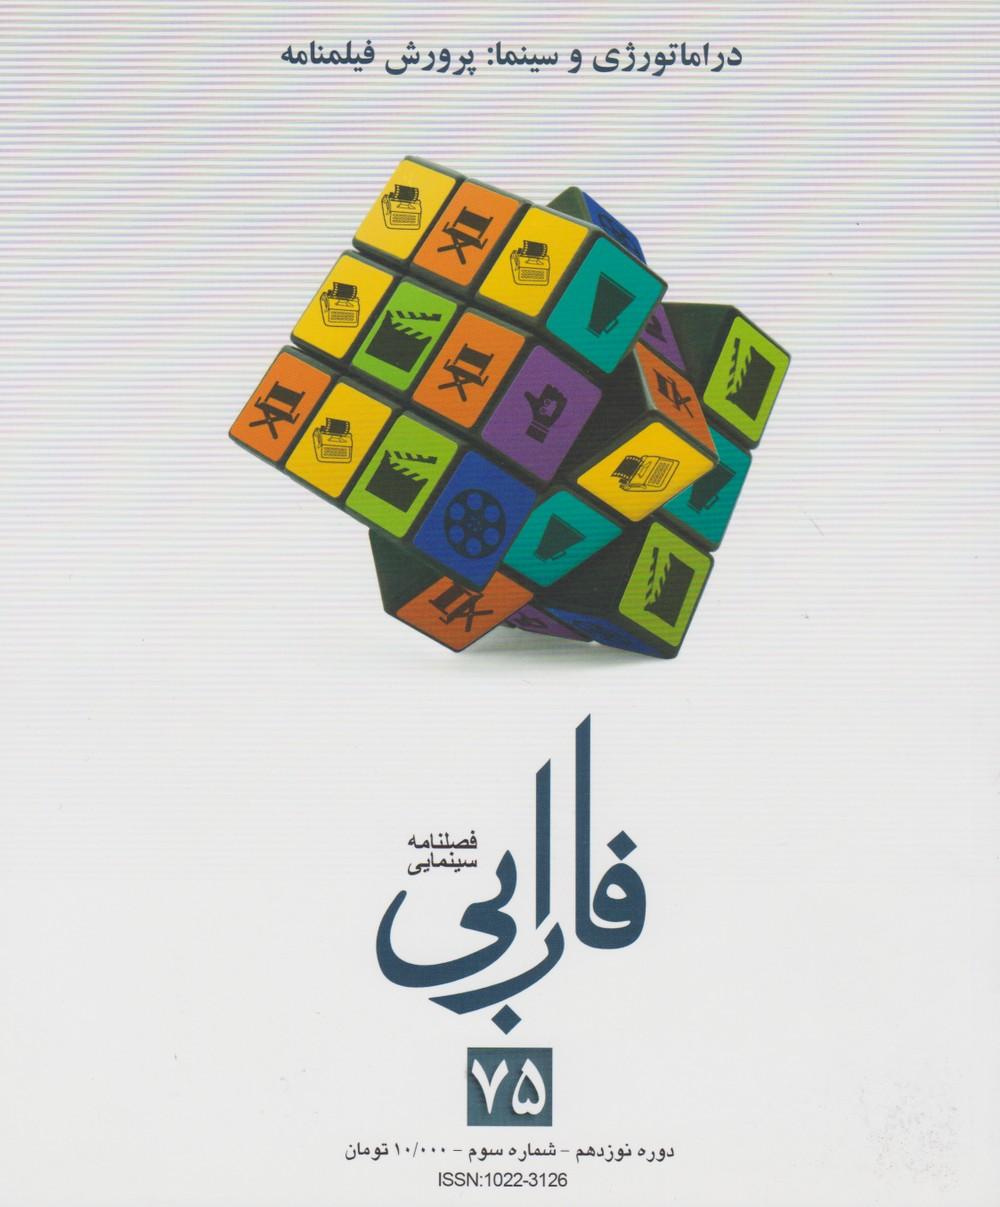 فارابی (75) : دراماتورژی و سینما - پرورش فیلمنامه